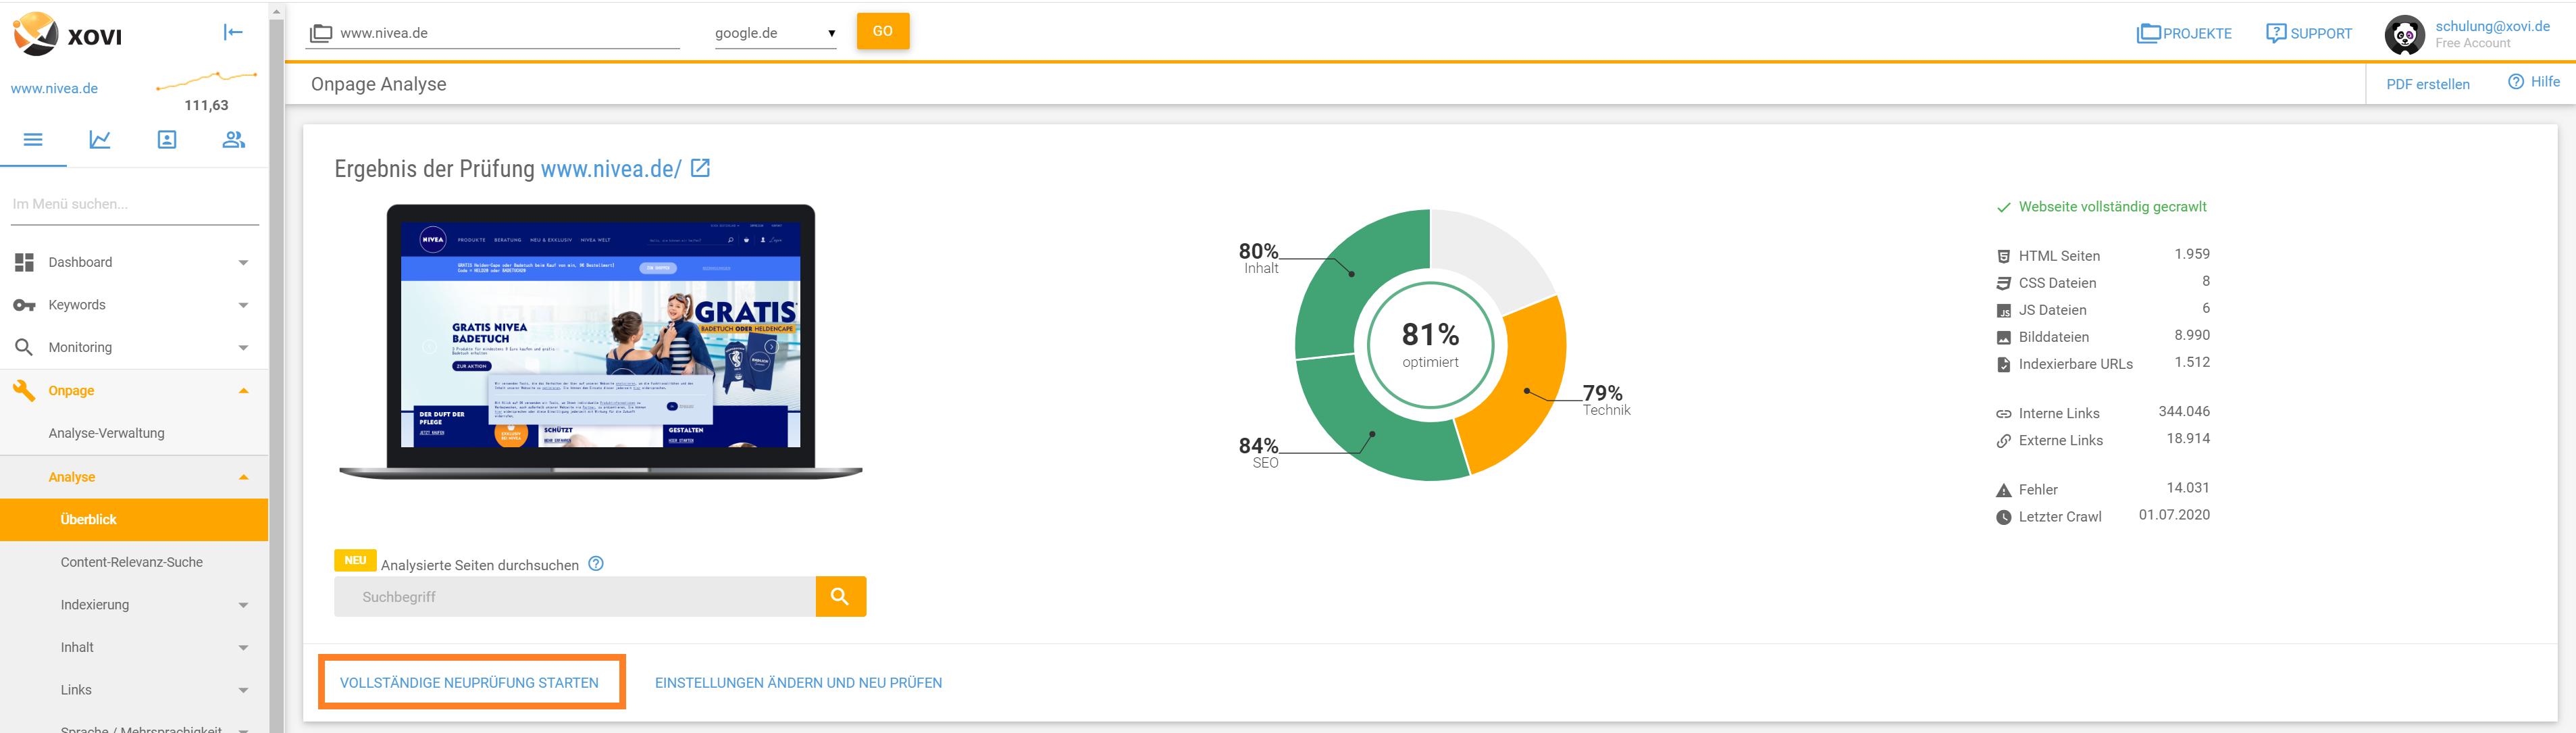 Screenshot der neuprüfung einer XOVI Onpage Analyse